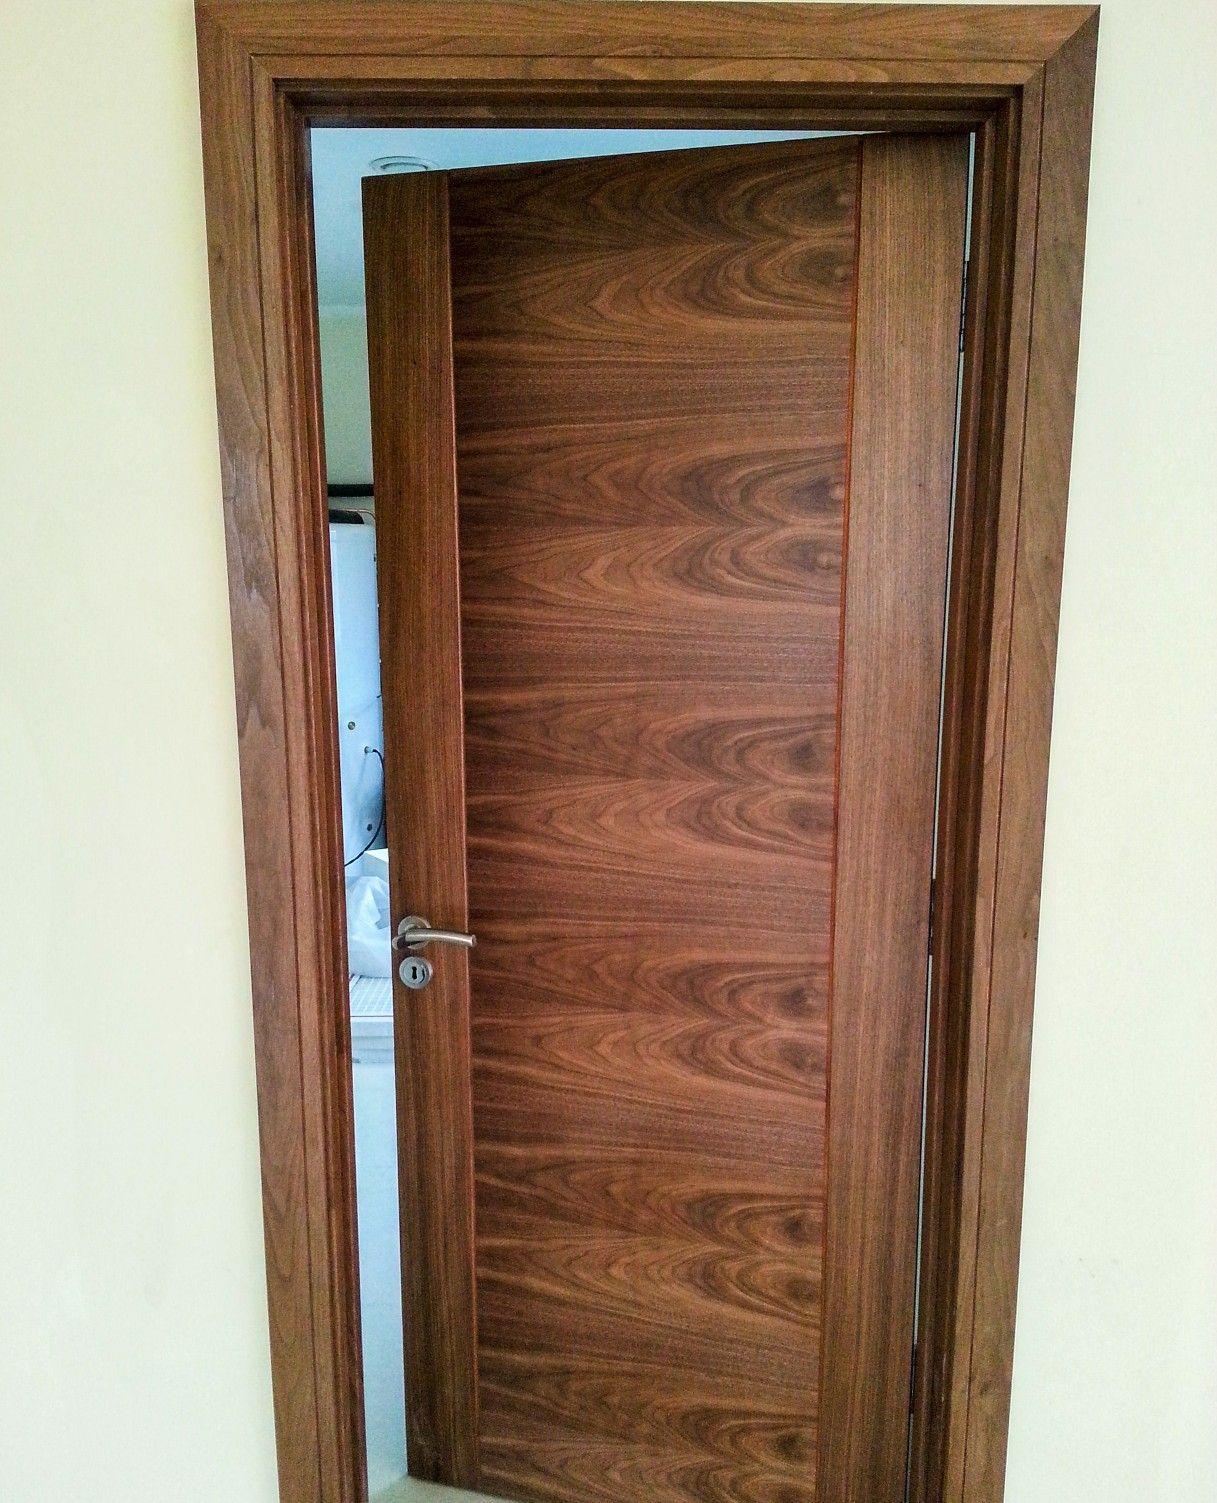 Murphy Larkin Walnut Doors In 2020 Walnut Doors Prehung Doors Contemporary Doors